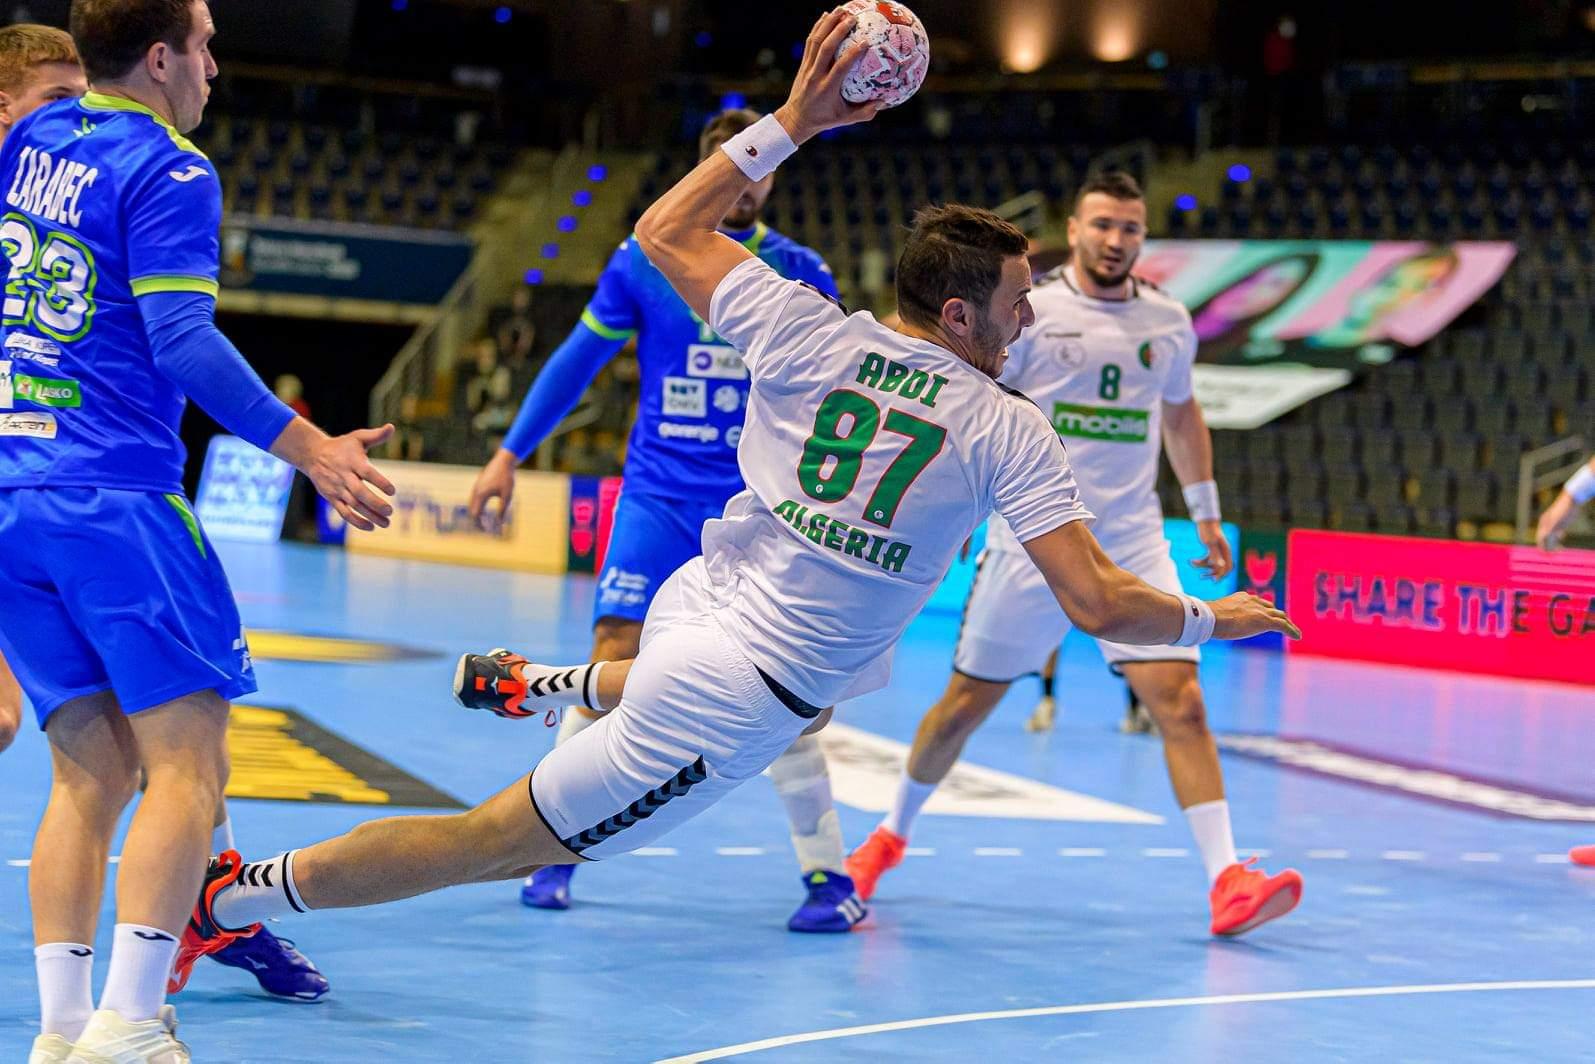 الملحق العالمي المؤهل للألعاب الأولمبية: المنتخب الجزائري ينهزم أمام سلوفينيا